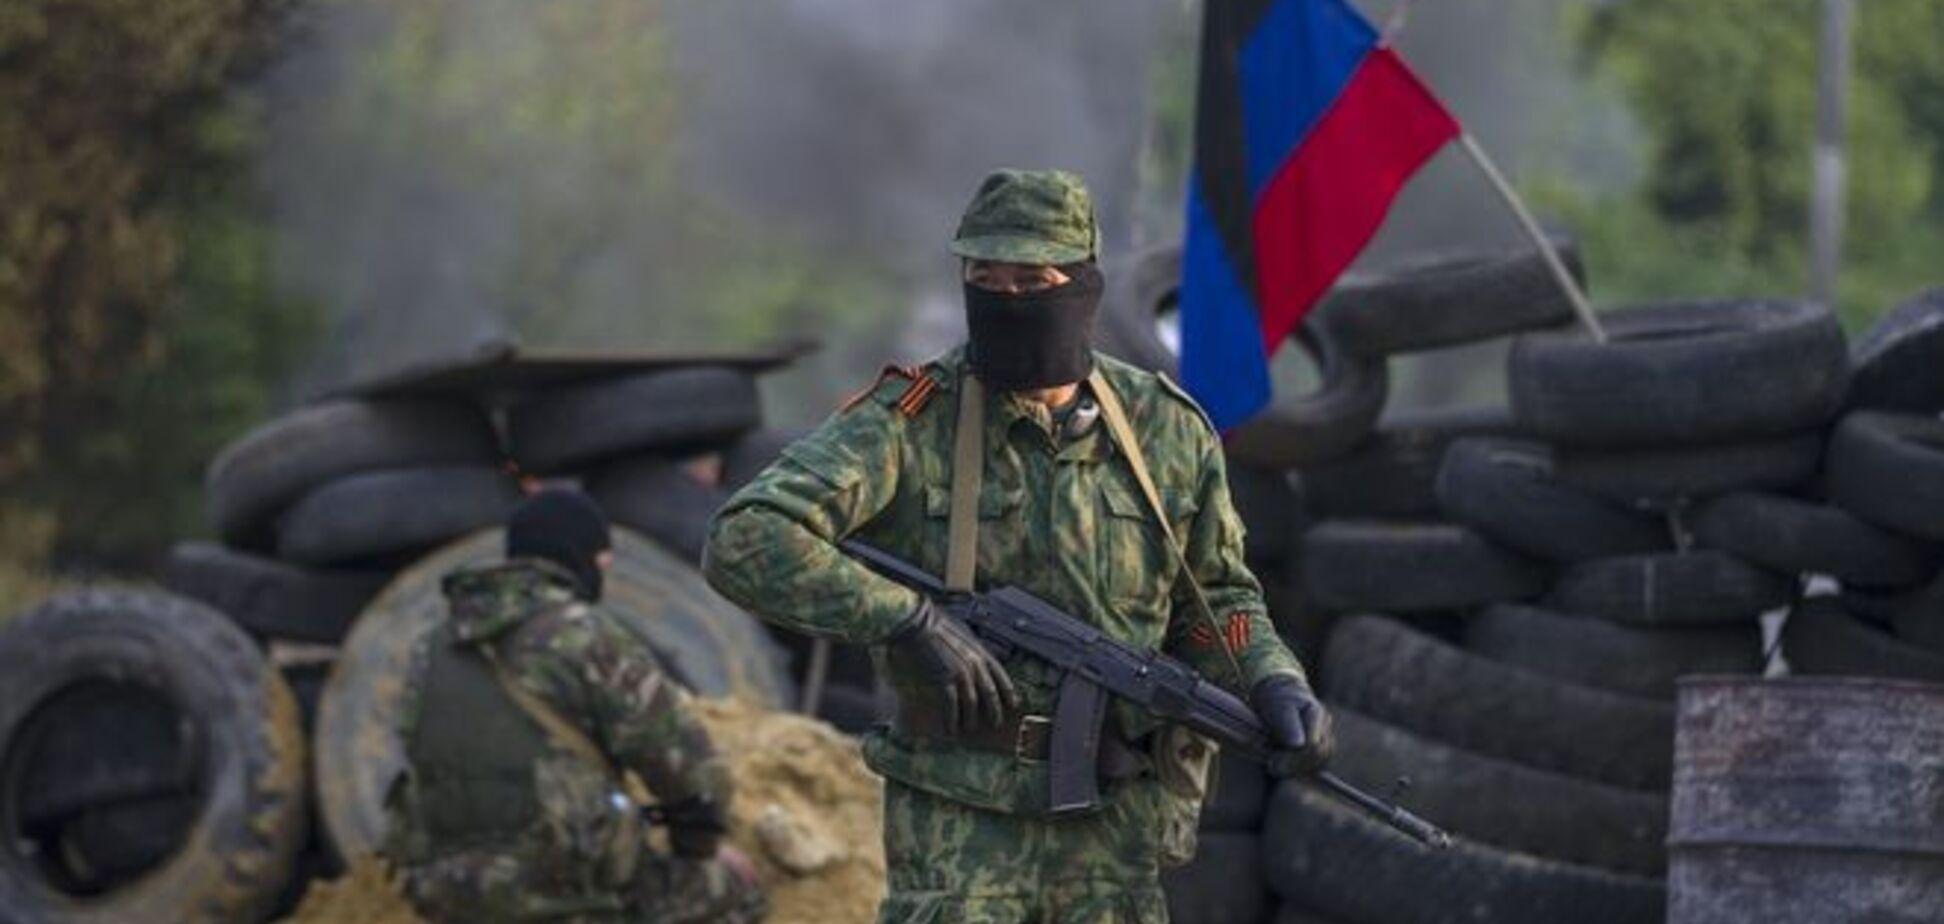 Рустам Ташбаев рассказал, чем закончится перемирие на Донбассе и как украинской армии победить